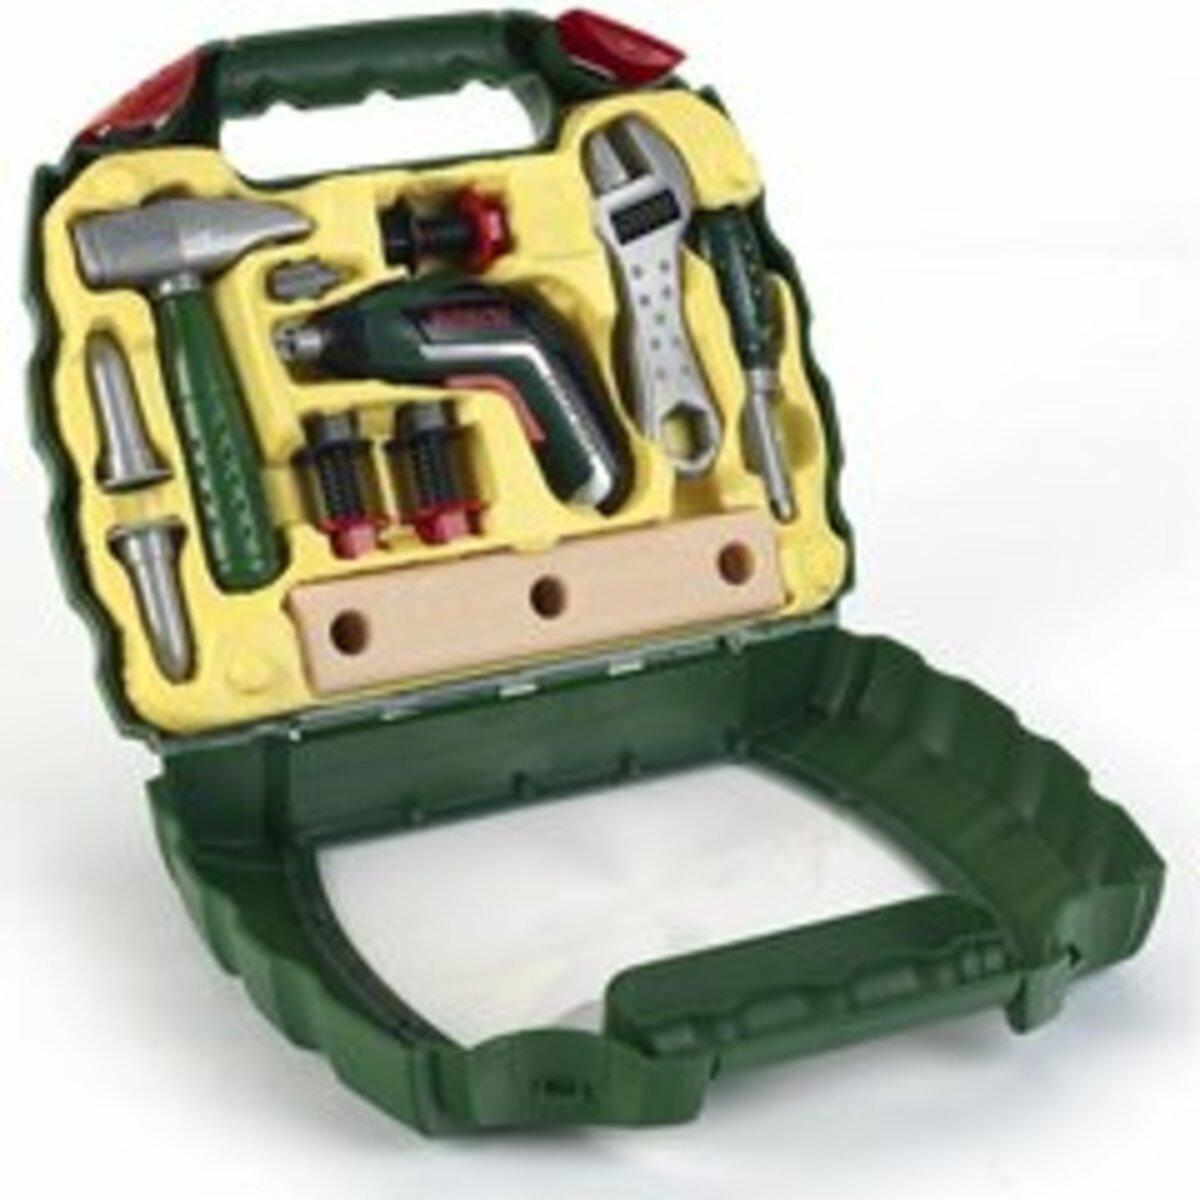 Bild 2 von BOSCH - Ixolino Werkzeugkoffer